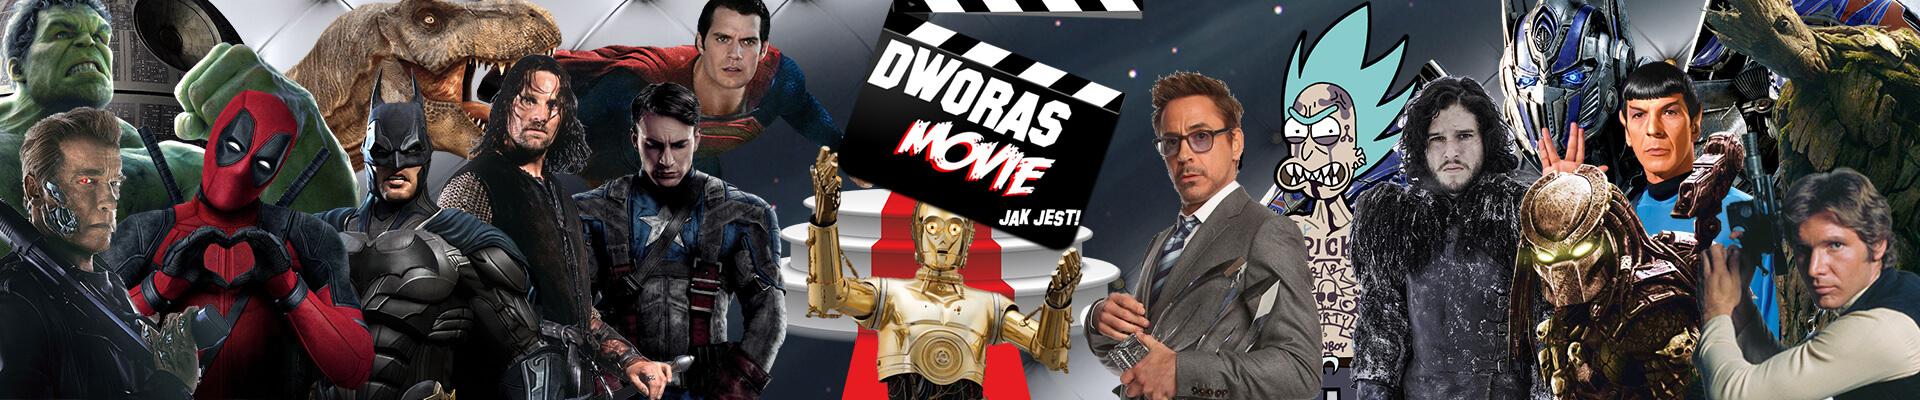 zdjęcie wyróżniające dla kanału DworasMovie WorldMaster